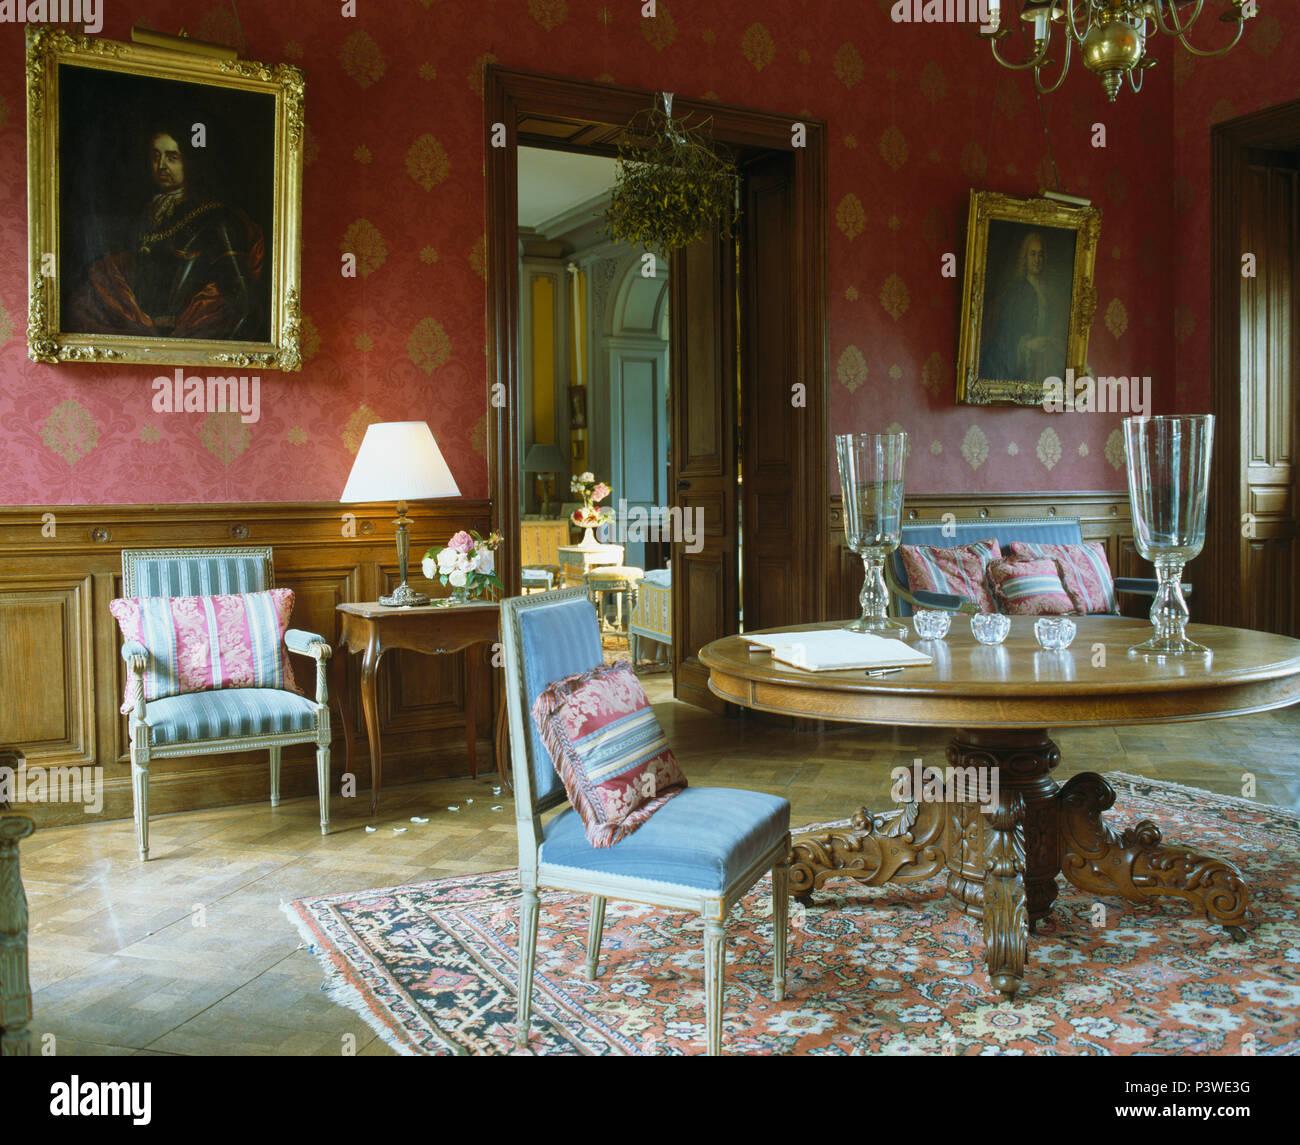 Blaue Polsterstuhle An Antiken Runder Tisch Im Franzosischen